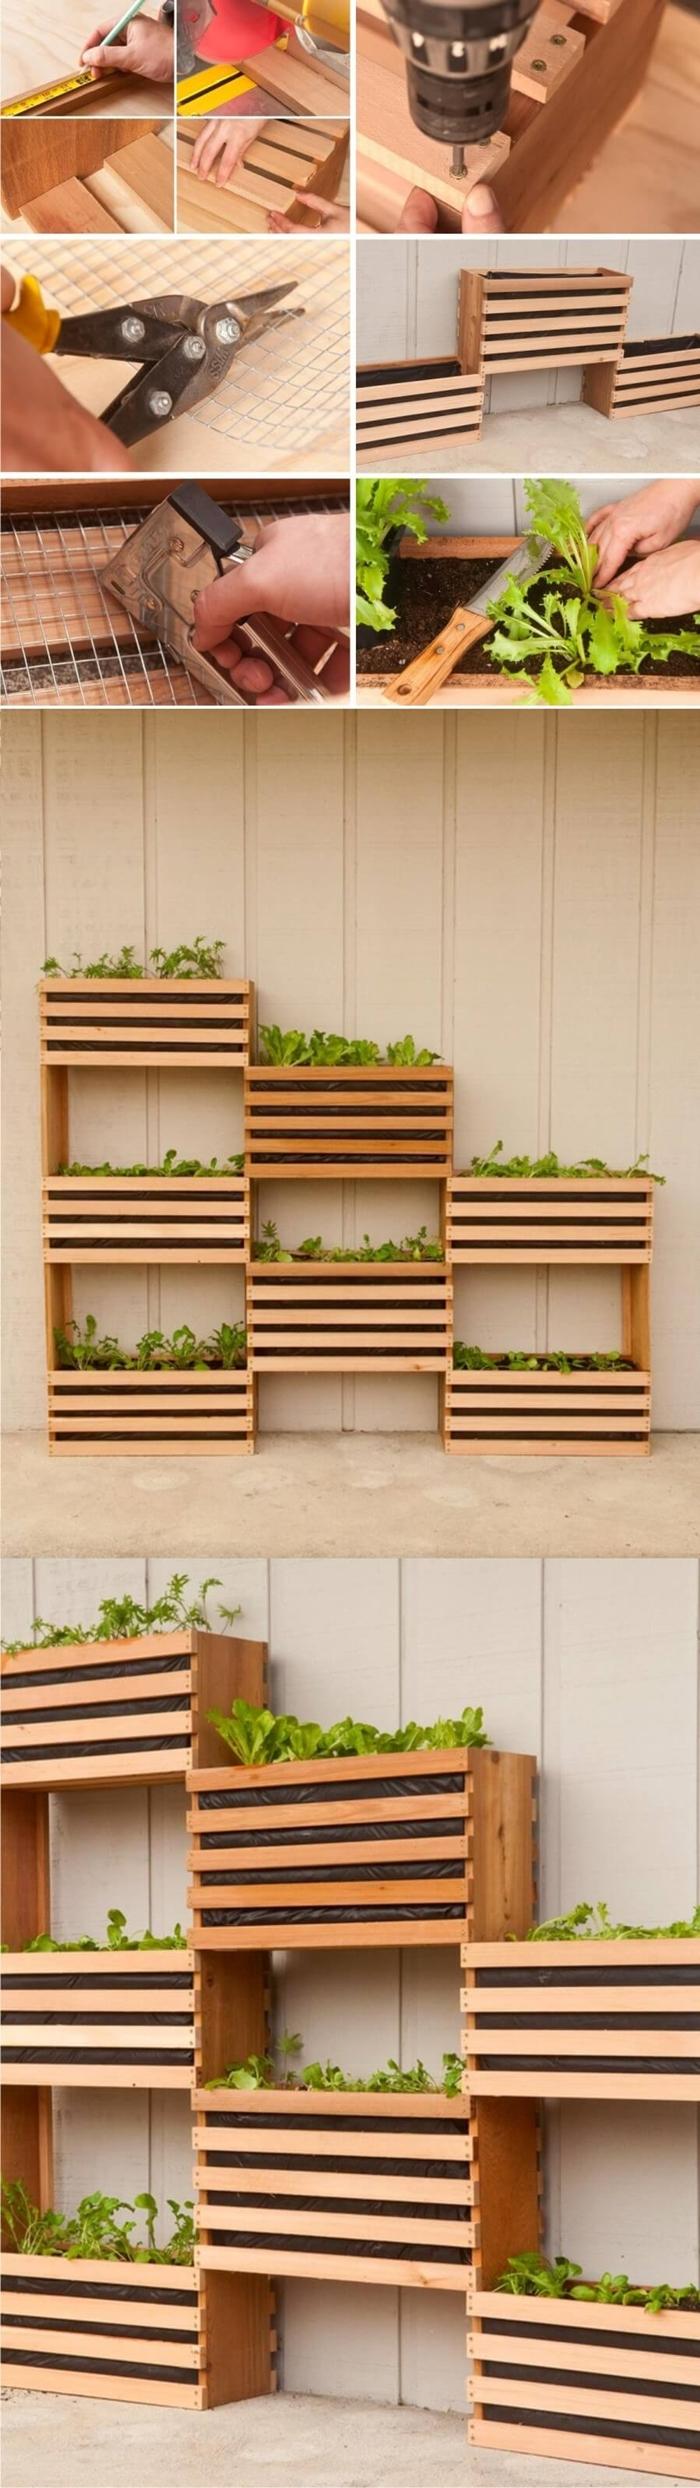 bricolage facile été fabrication jardinière pour balcon tutoriel diy meuble en planches de bois pour plantes balcon rangement mural